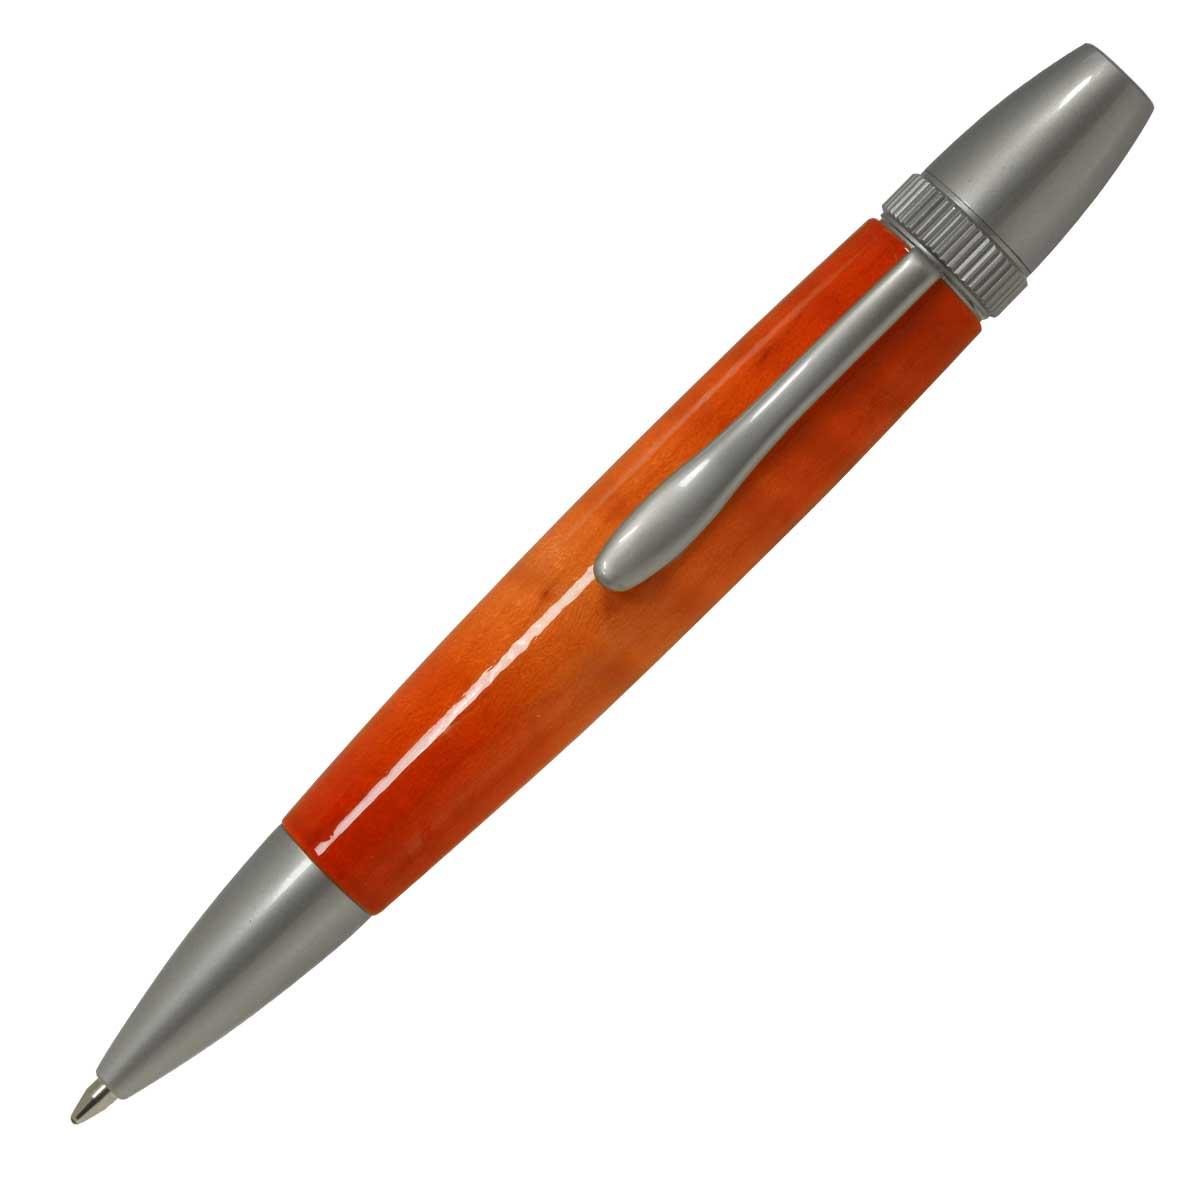 【即納可能】F-STYLE Air Brush Wood Pen エアーブラシ ウッドペン ギター塗装 ORANGE オレンジカーリーメイプル かえで 楓 ボールペン TGT1611